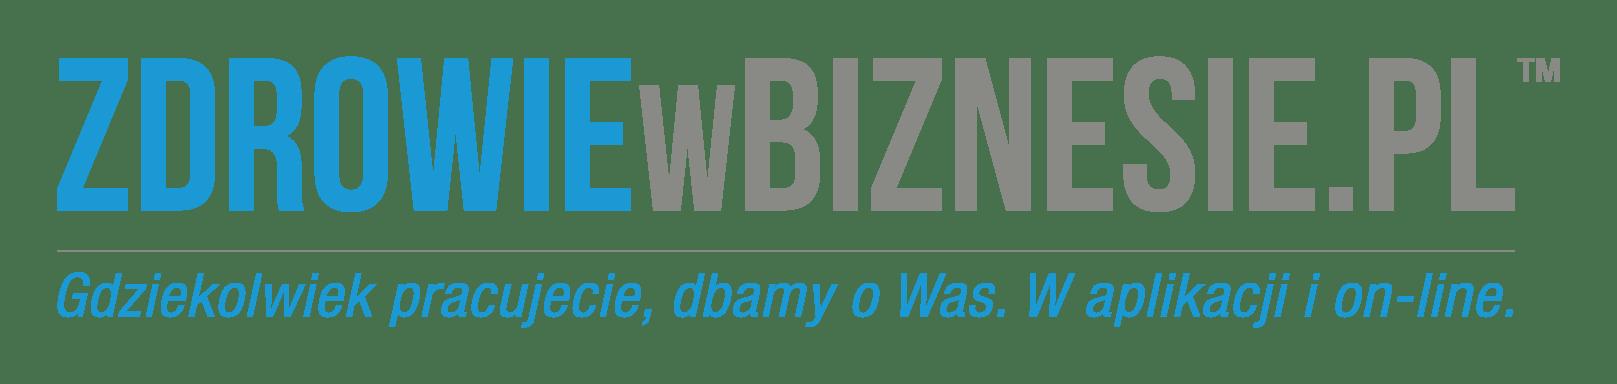 https://www.zdrowiewbiznesie.pl/